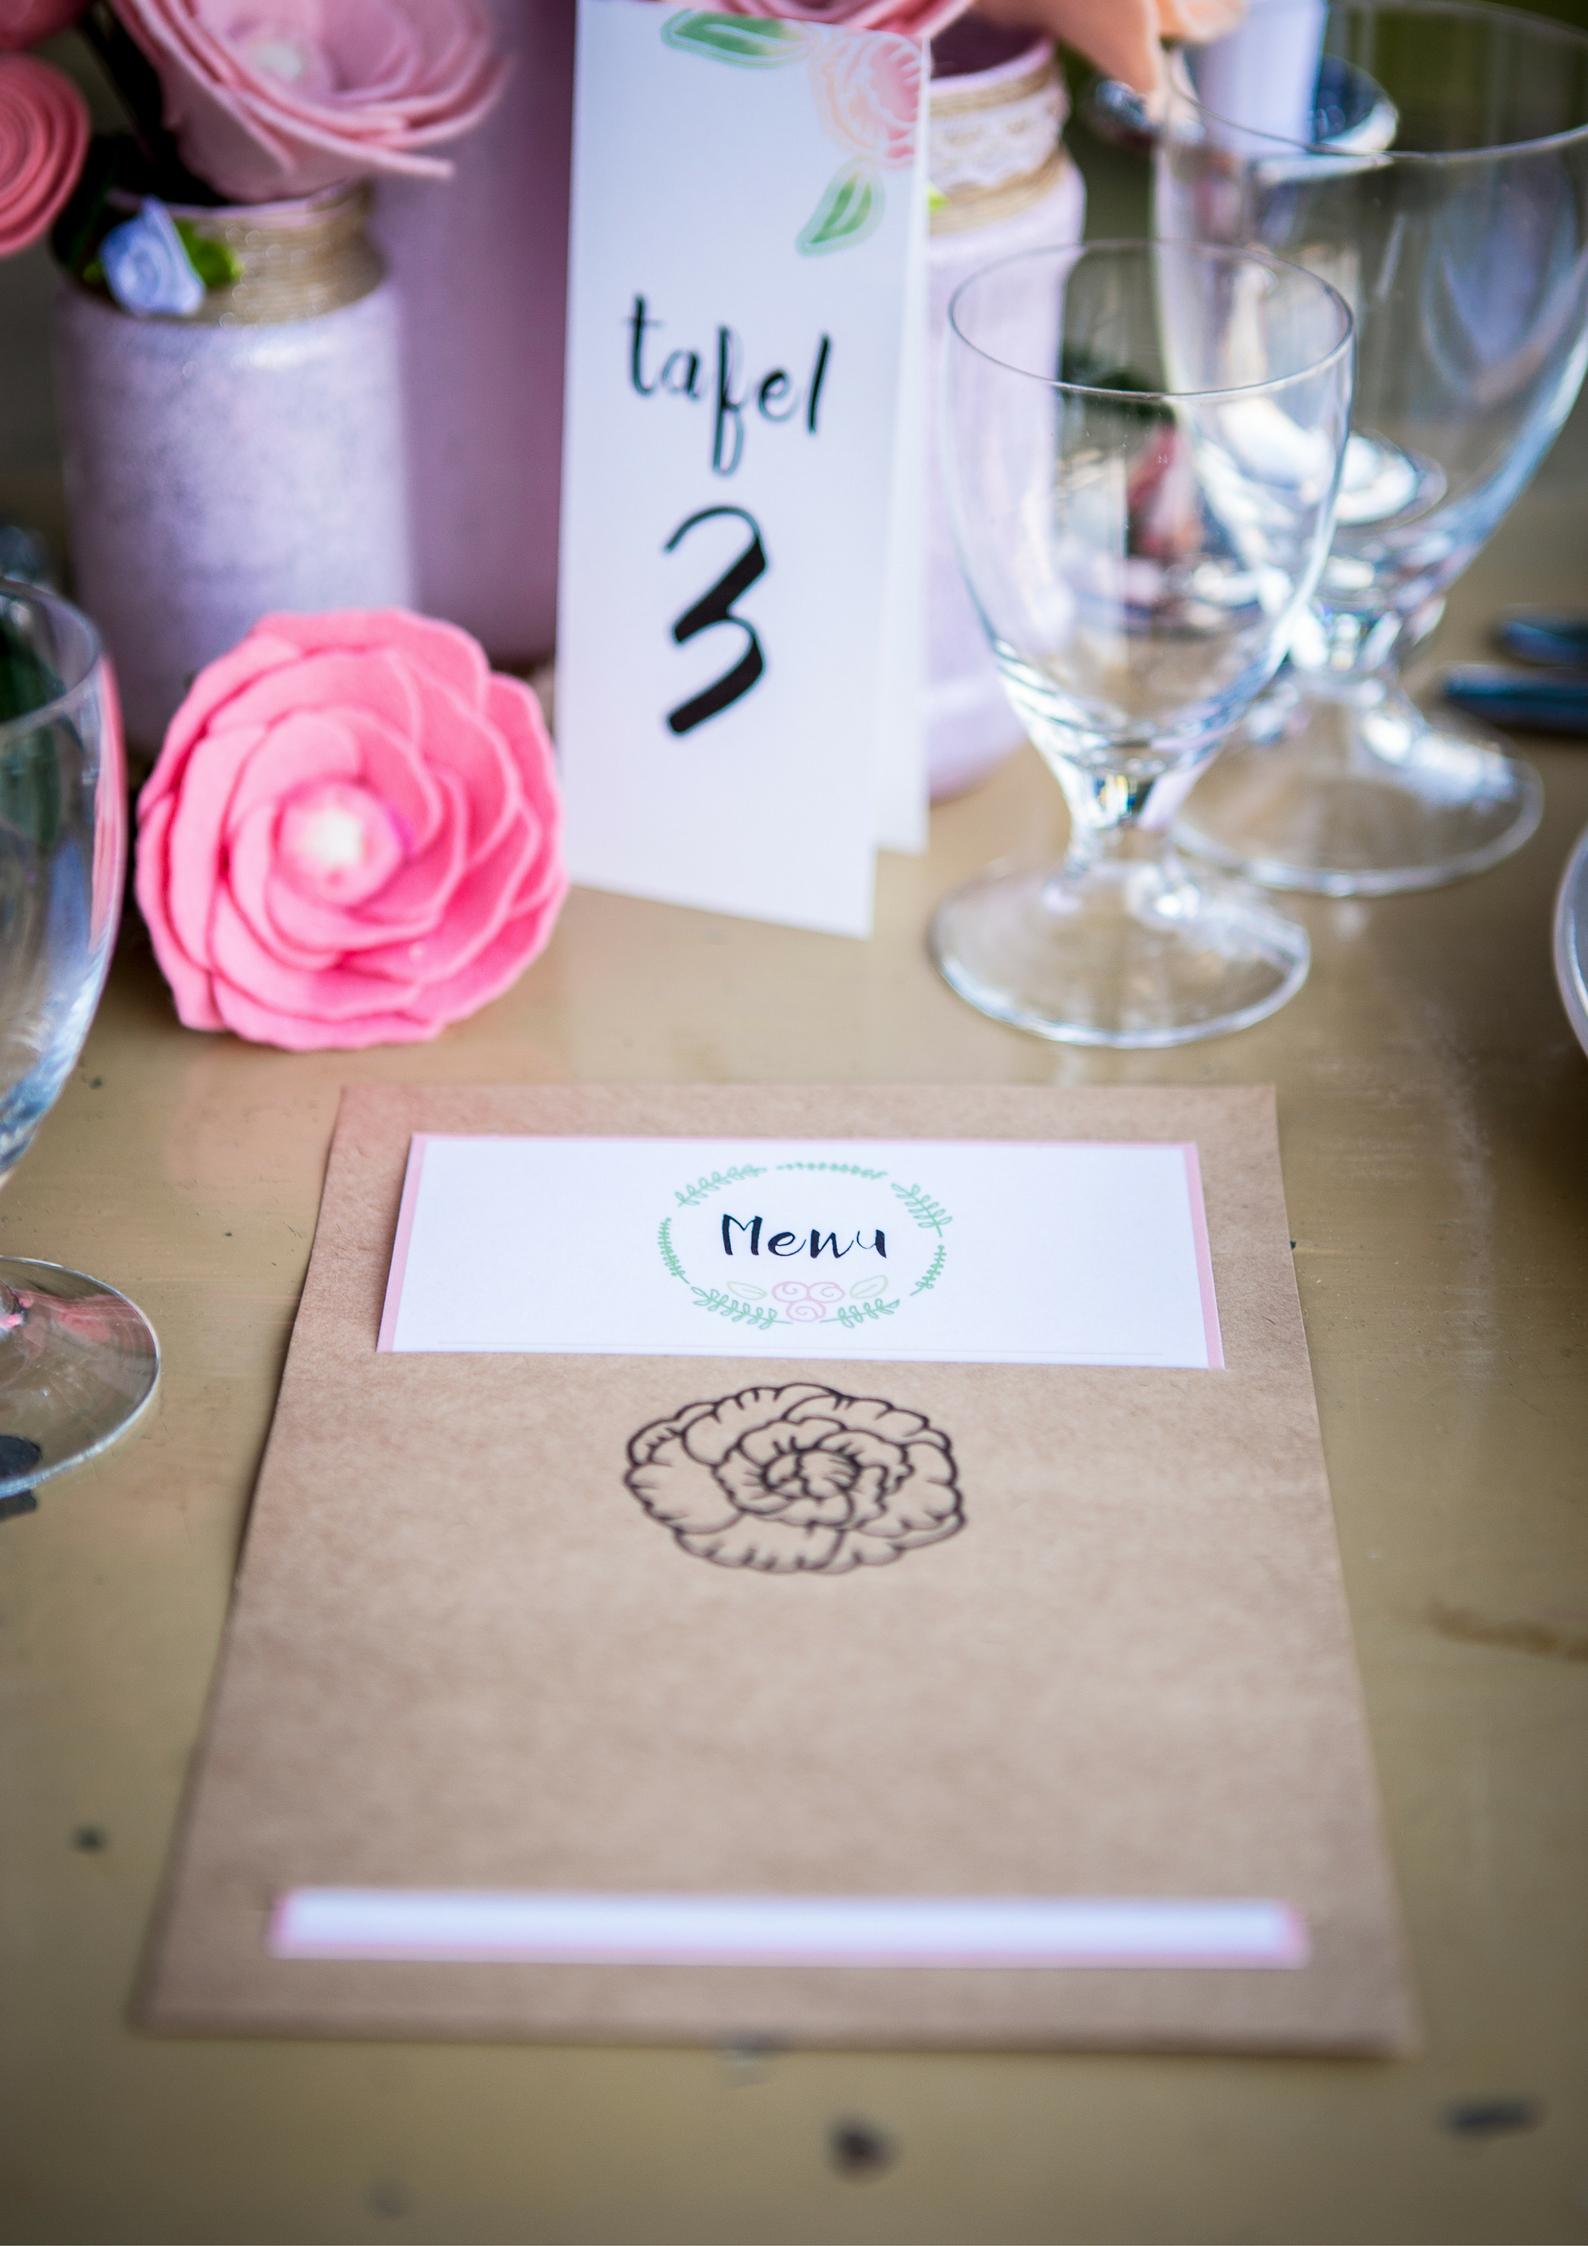 Table4You-SfeervolleTafelsmetPersoonjlijkeTouch-Trouwen-Romantisch-Industrie-Tafelnummer-Menu